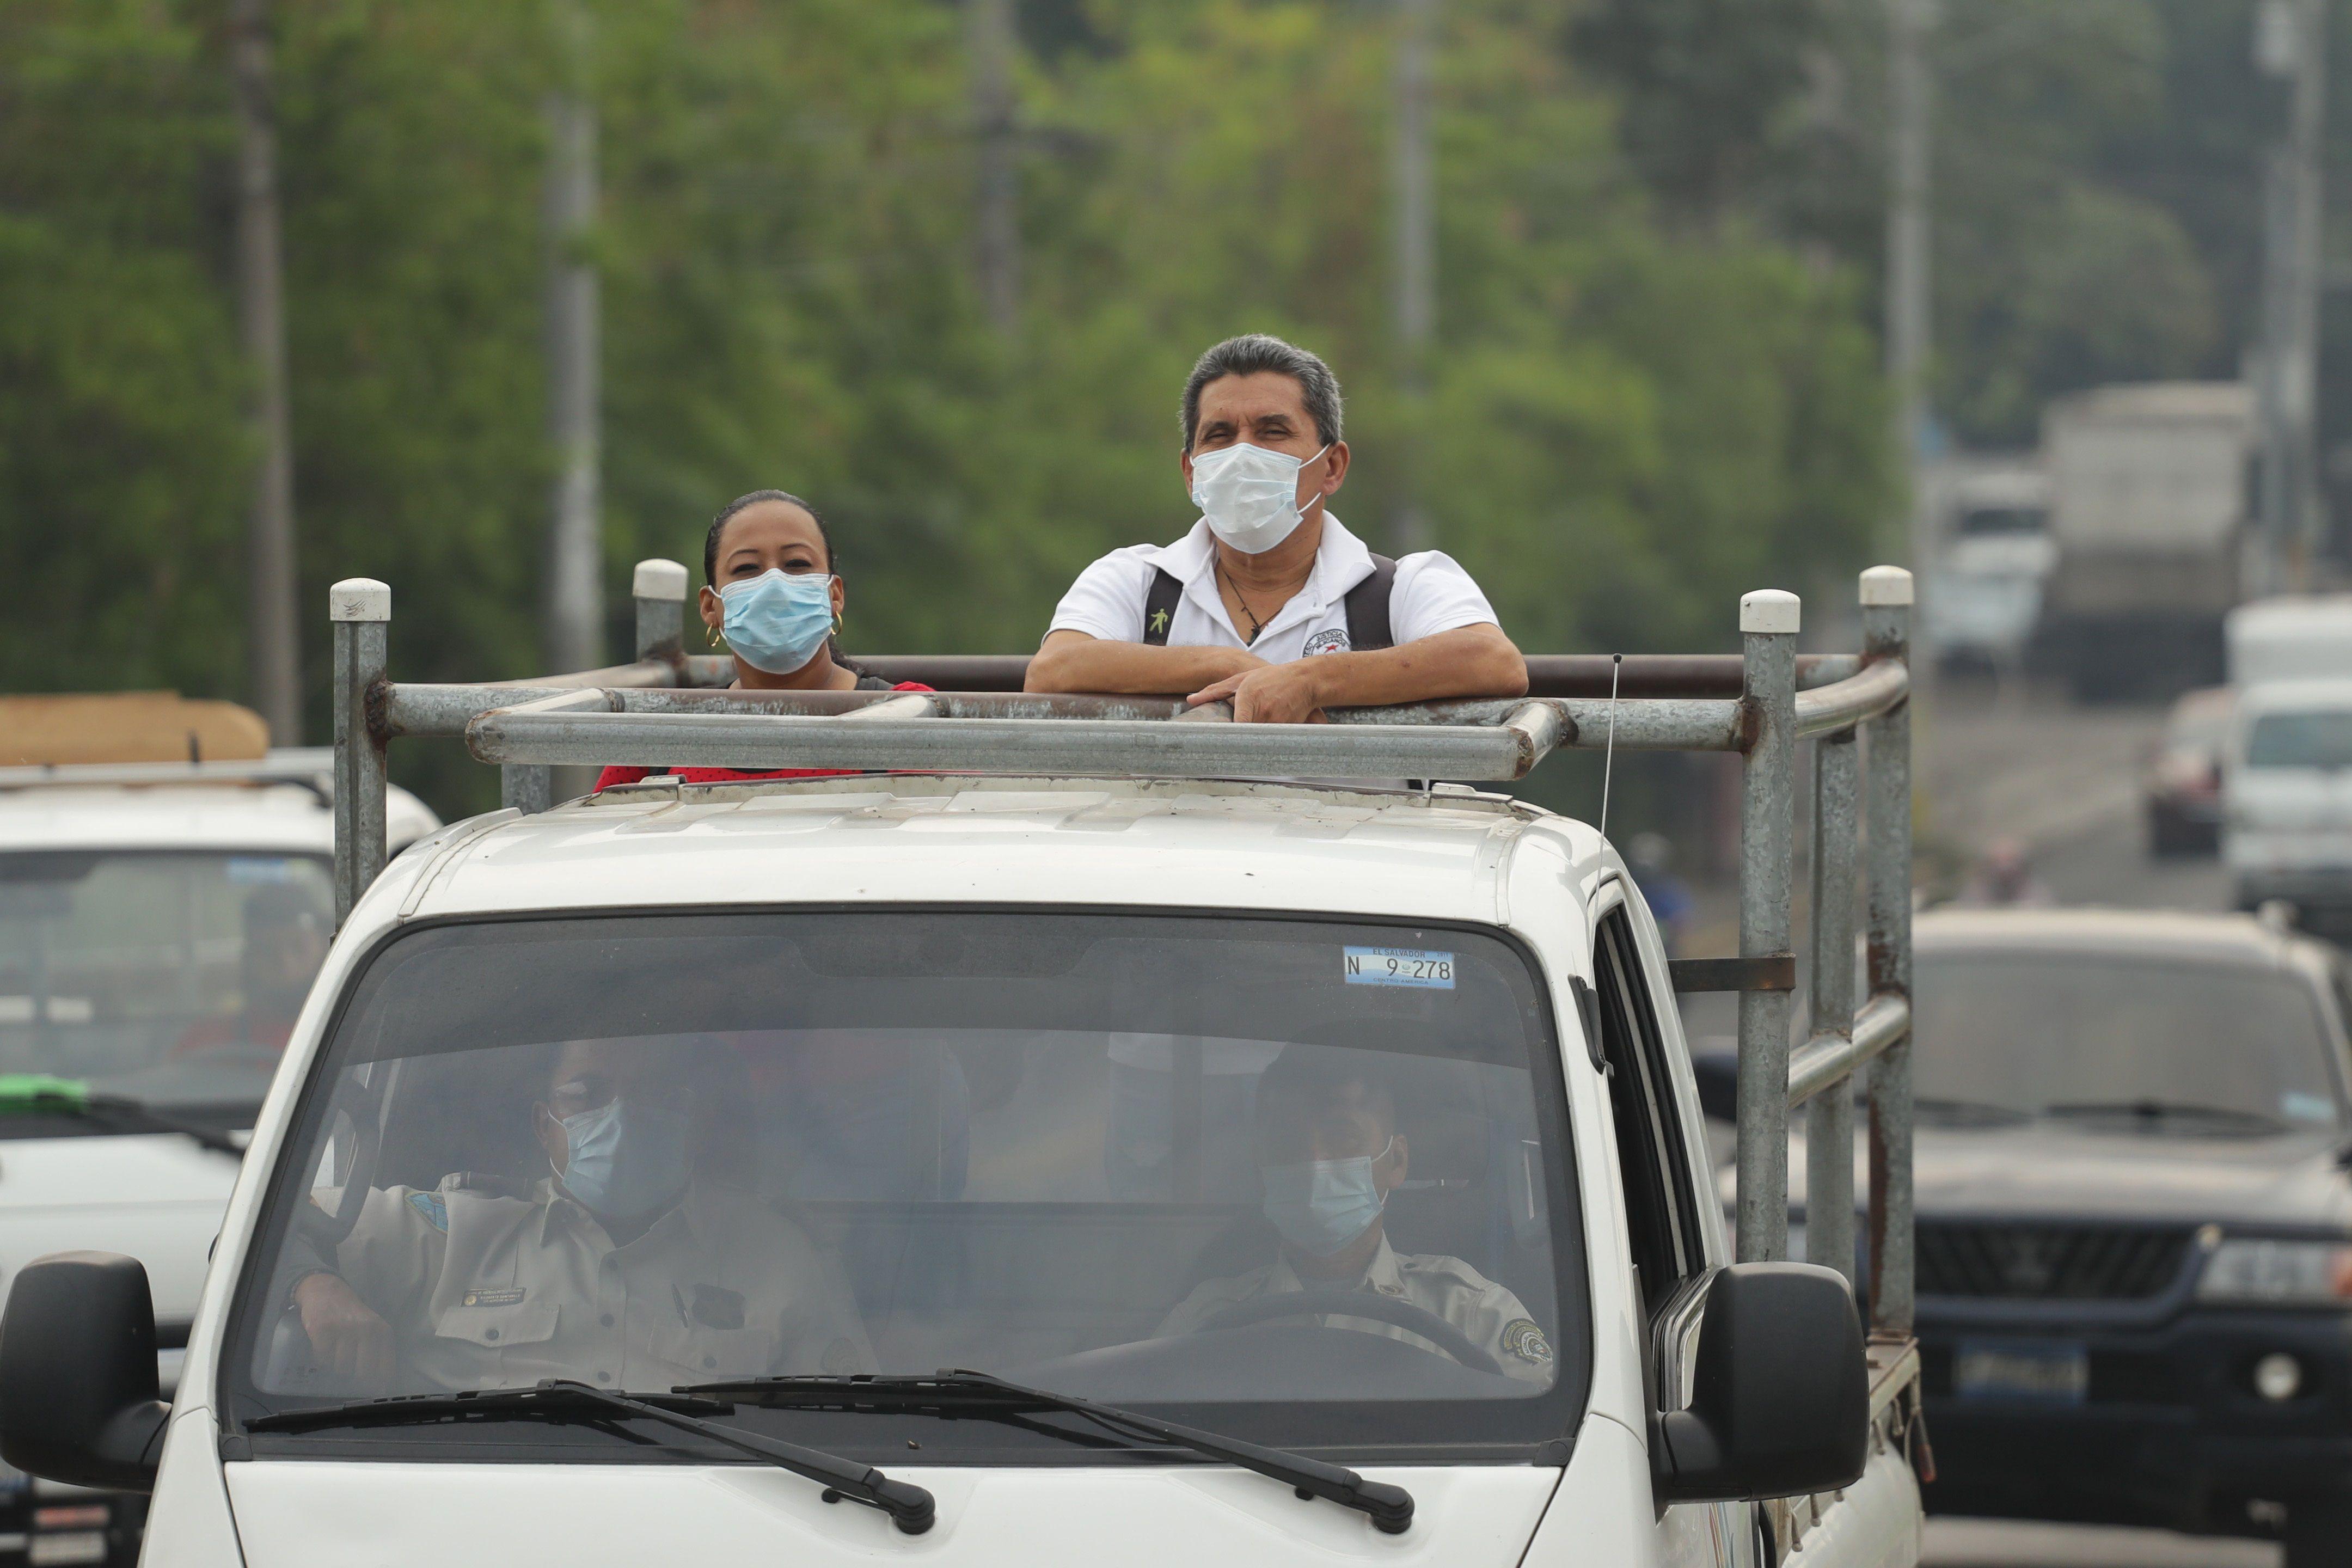 Dos personas con tapabocas viajan este jueves sobre el platón de una camioneta, en San Salvador (El Salvador). EFE/Rodrigo Sura/Archivo